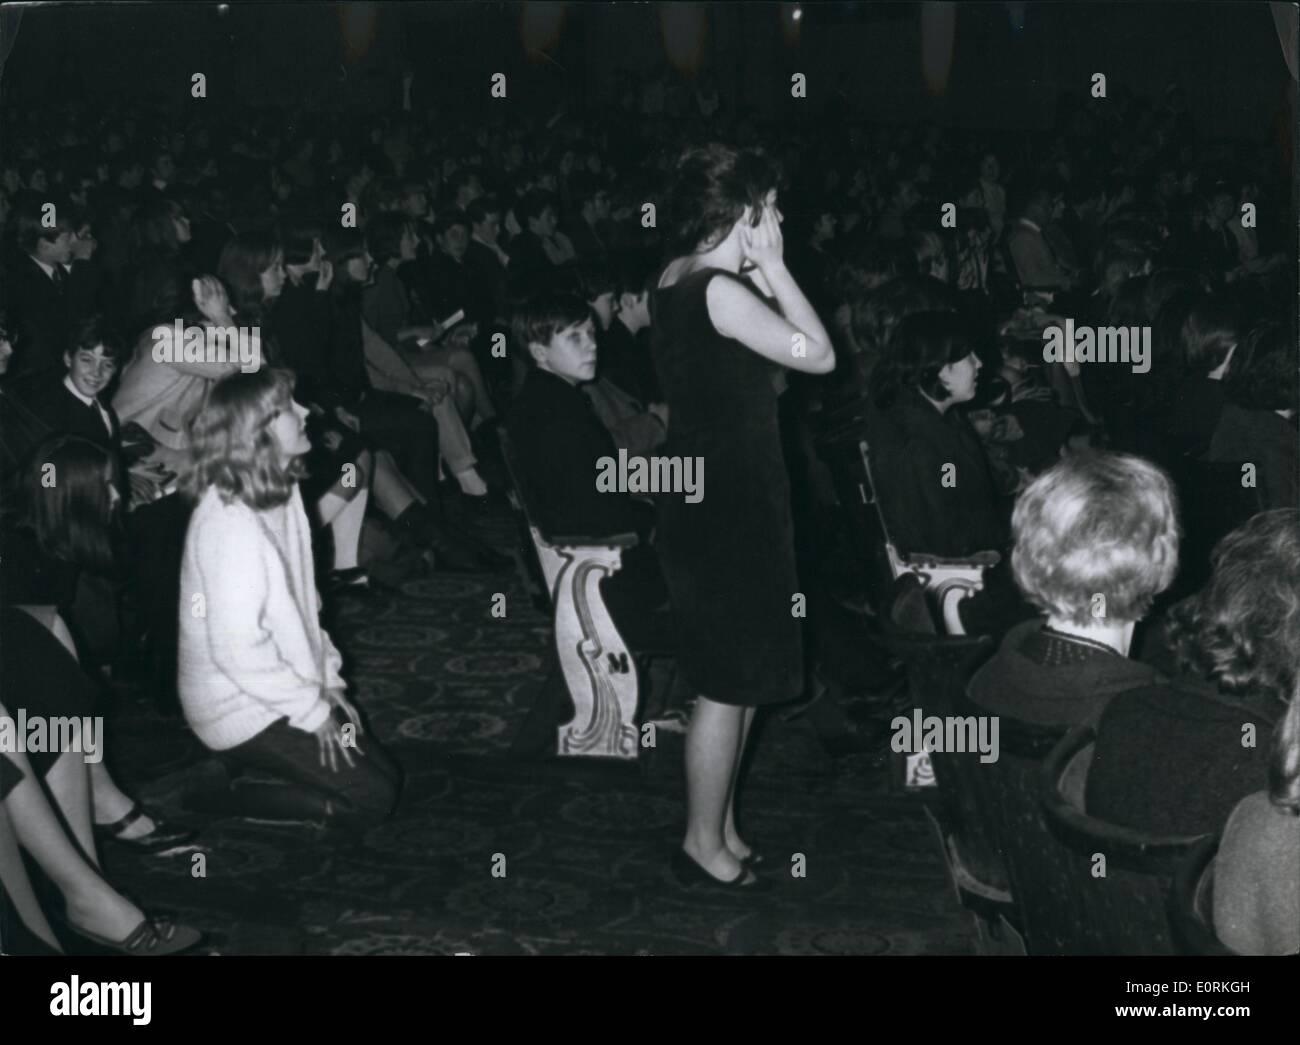 Jan 1, 1960 - Unidentified Stones fan. - Stock Image